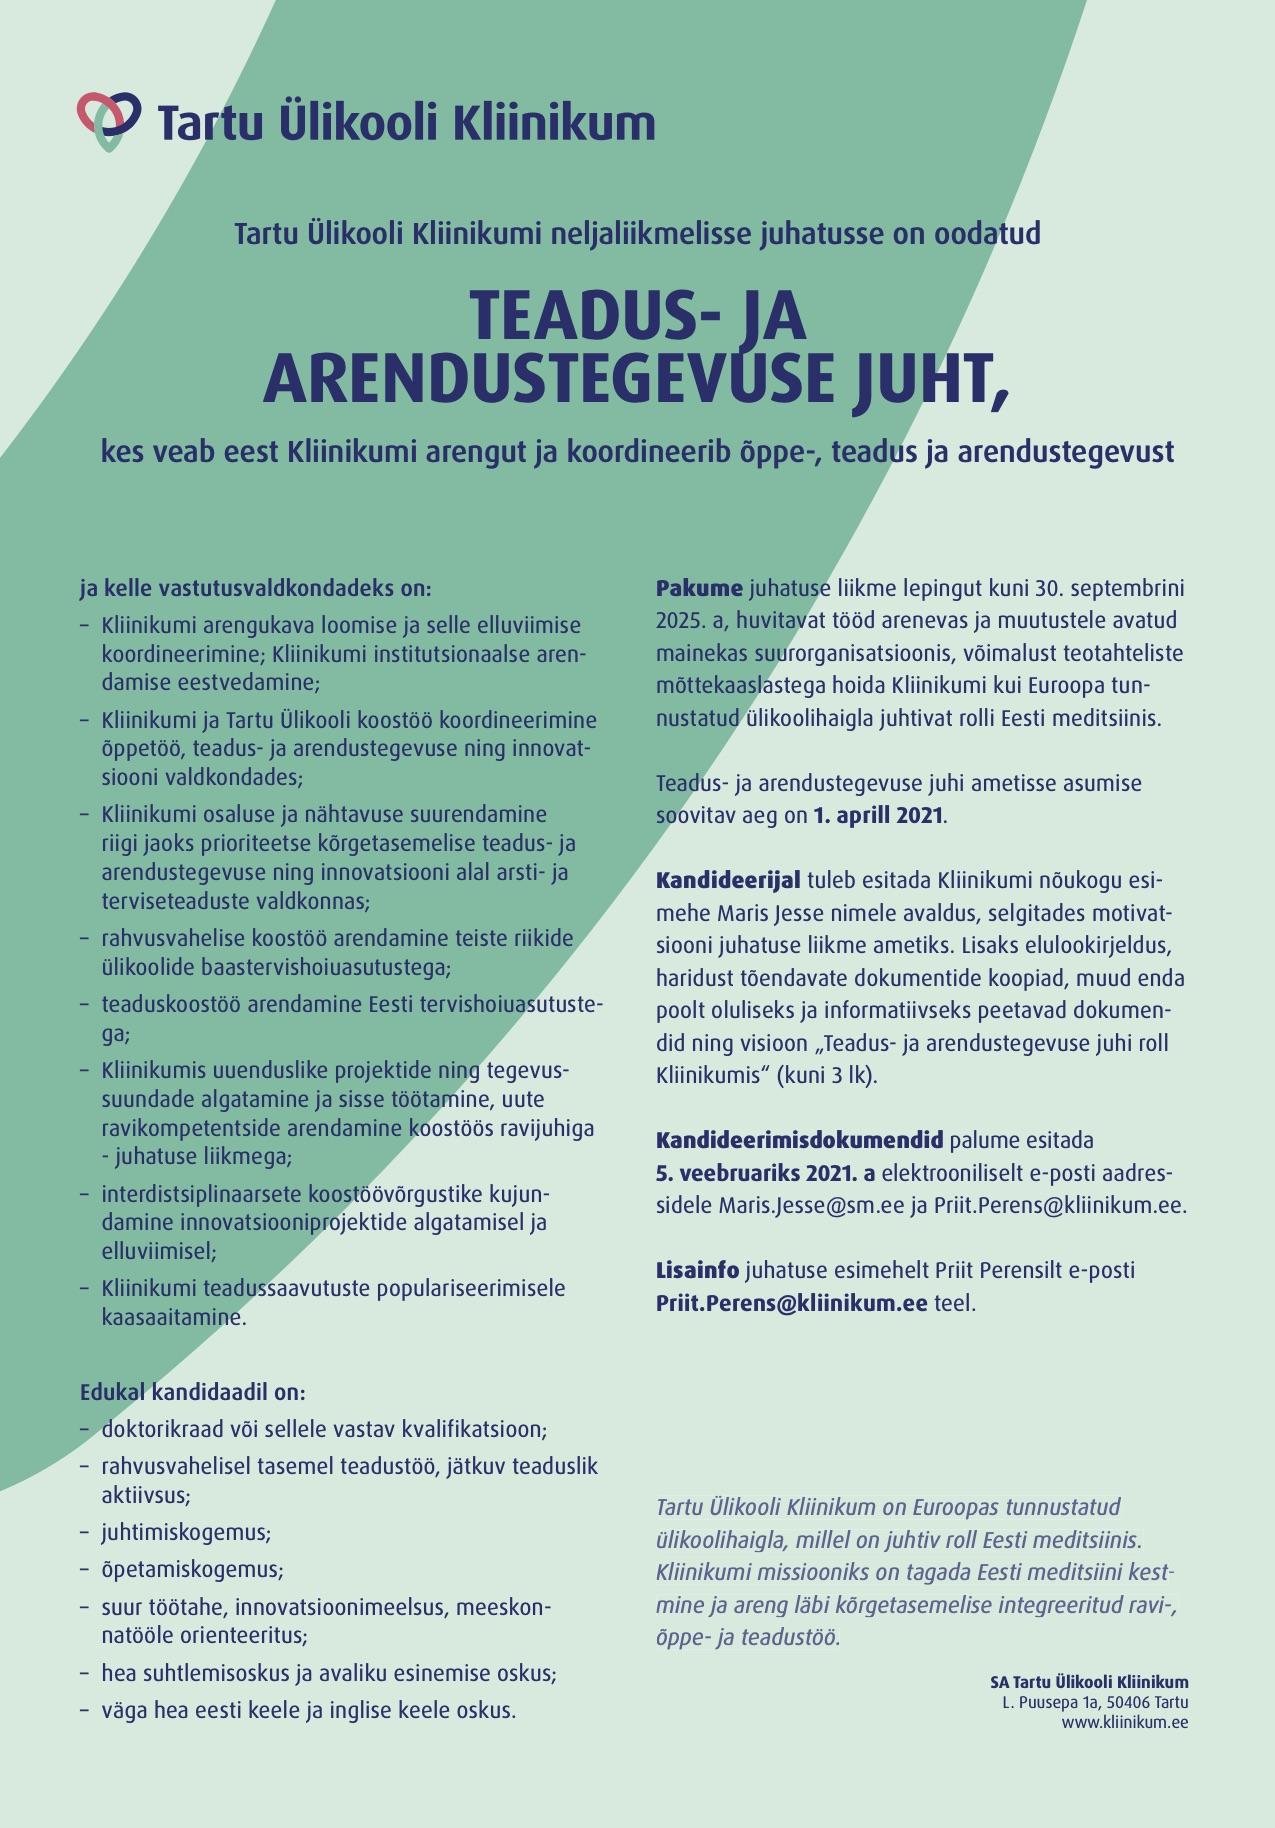 TEADUS- JA ARENDUSTEGEVUSE JUHT